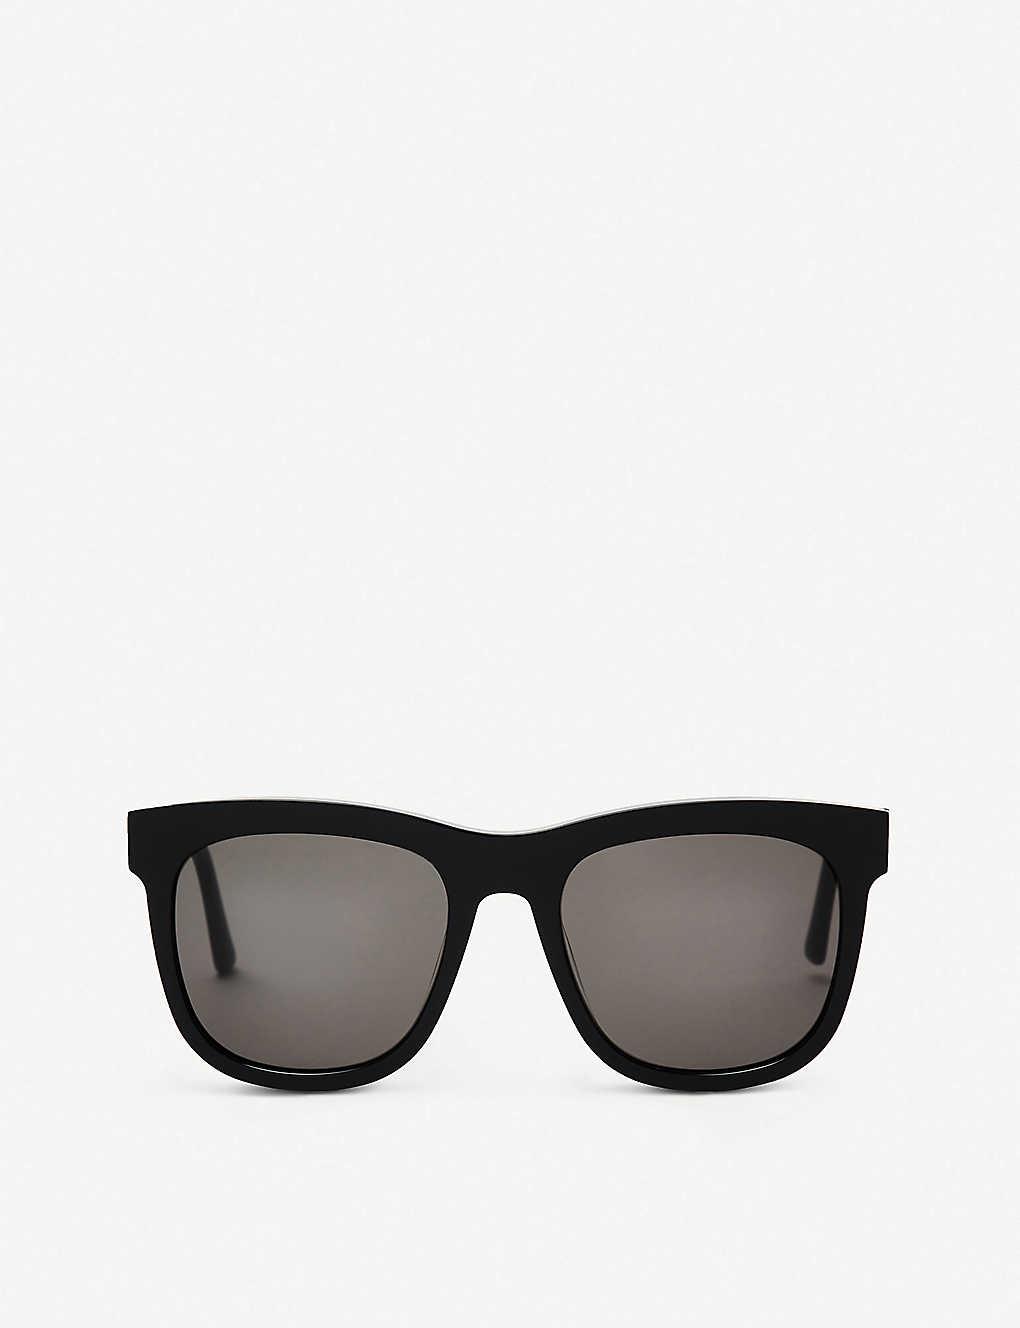 8a3e485df GENTLE MONSTER - Pulp Fiction acetate sunglasses | Selfridges.com